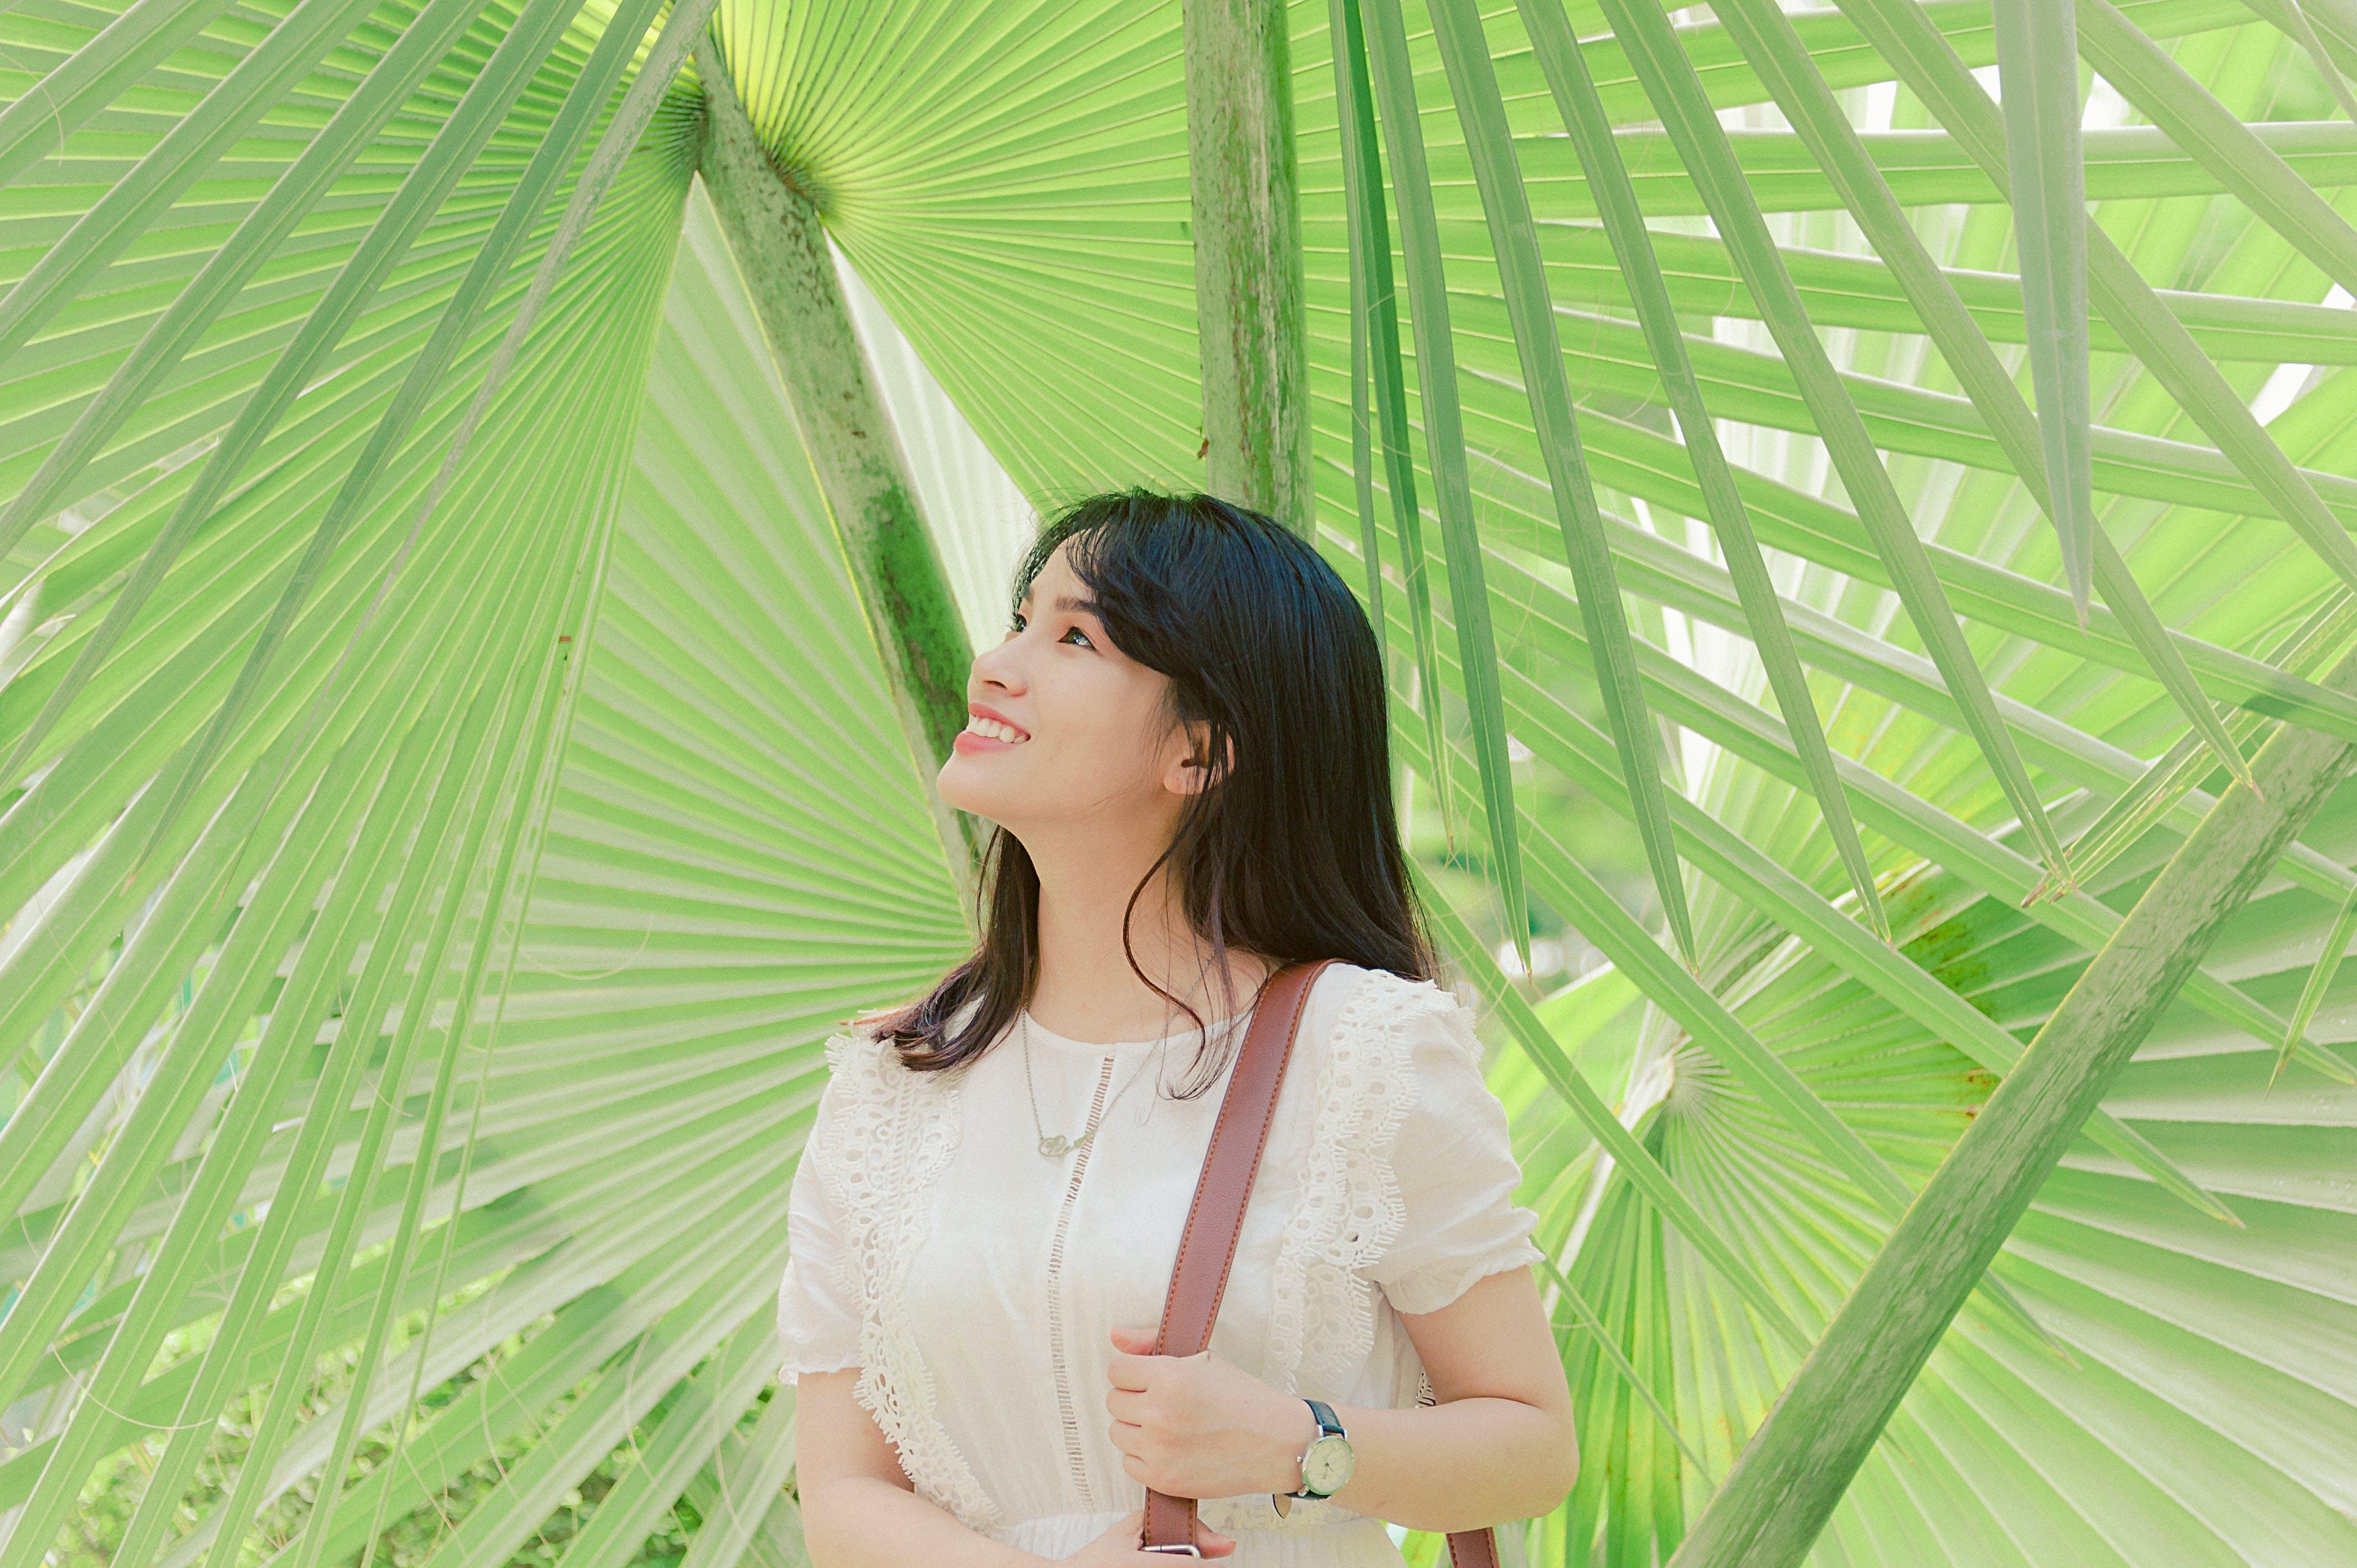 Ingyenes stockfotó ázsiai lány, ázsiai nő, egzotikus, fiatal témában